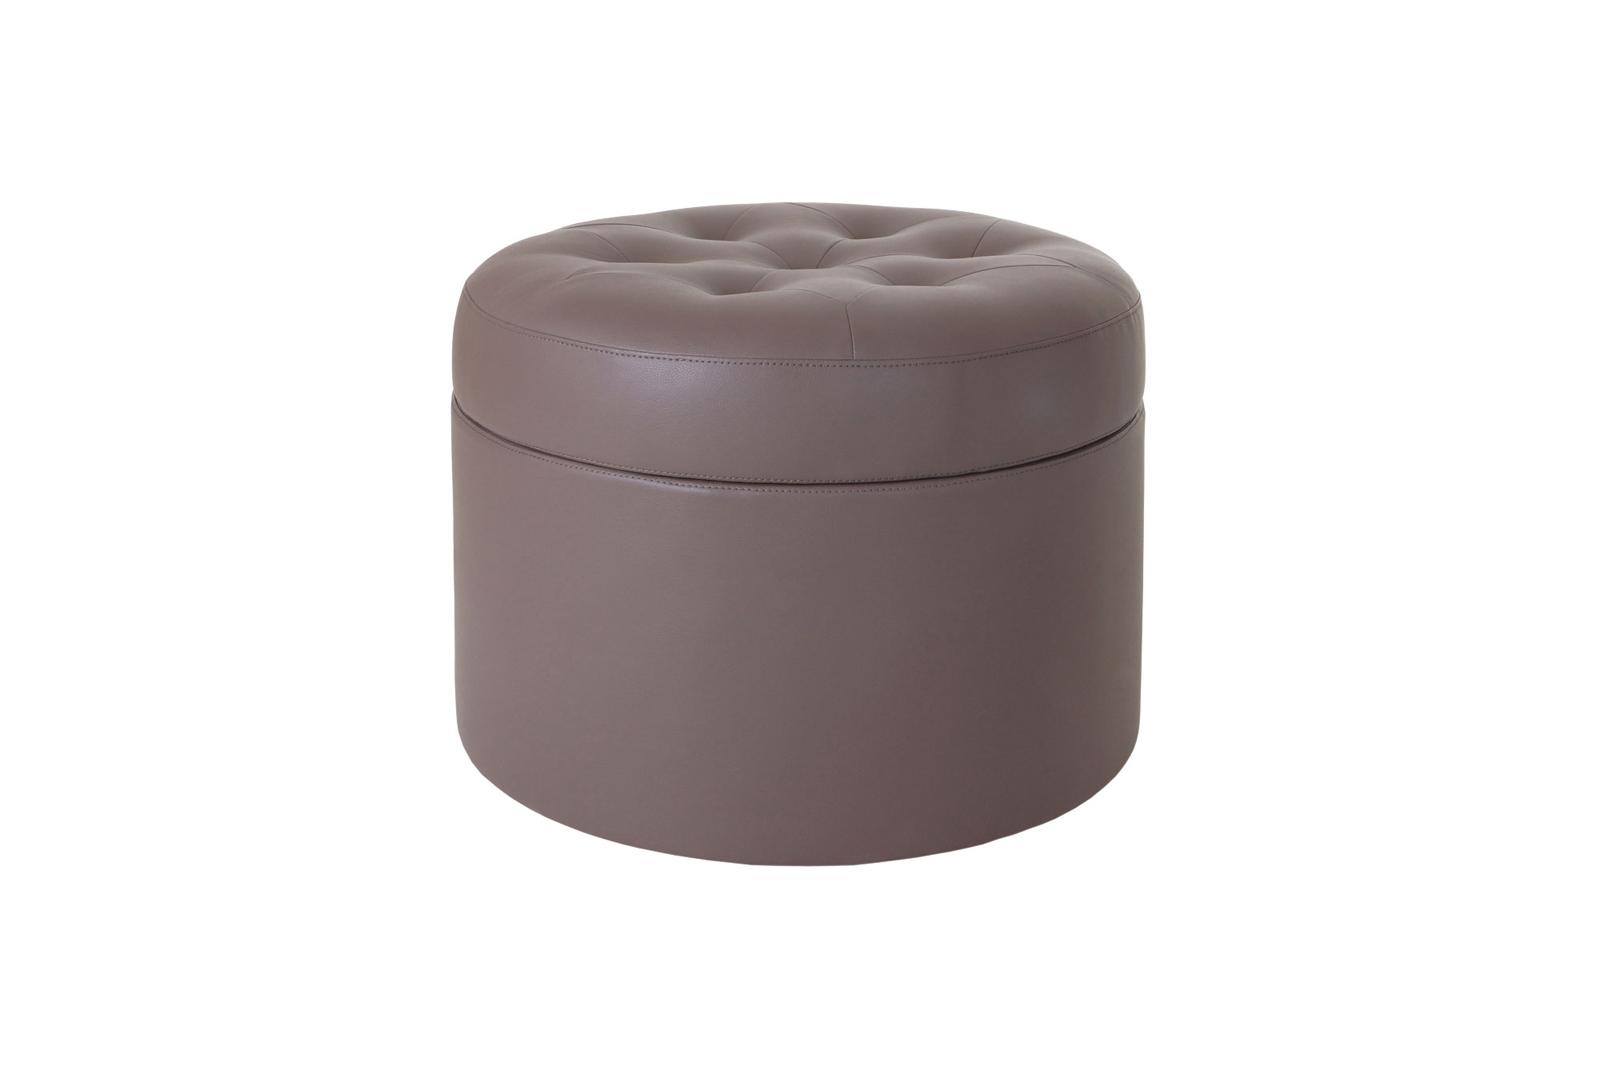 Пуф BarrelКожаные пуфы<br>&amp;lt;div&amp;gt;Пуф каркасный с ёмкостью для хранения. Верх оформлен декоративной строчкой и пуговицами.&amp;lt;/div&amp;gt;&amp;lt;div&amp;gt;&amp;lt;br&amp;gt;&amp;lt;/div&amp;gt;&amp;lt;div&amp;gt;Материалы:&amp;lt;/div&amp;gt;&amp;lt;div&amp;gt;Каркас: деревянный брус, фанера.&amp;lt;/div&amp;gt;&amp;lt;div&amp;gt;Сидение: пенополиуретан, синтепон.&amp;lt;/div&amp;gt;&amp;lt;div&amp;gt;Обивка: 100% экокожа.&amp;lt;/div&amp;gt;<br><br>Material: Кожа<br>Width см: None<br>Depth см: None<br>Height см: 45<br>Diameter см: 60